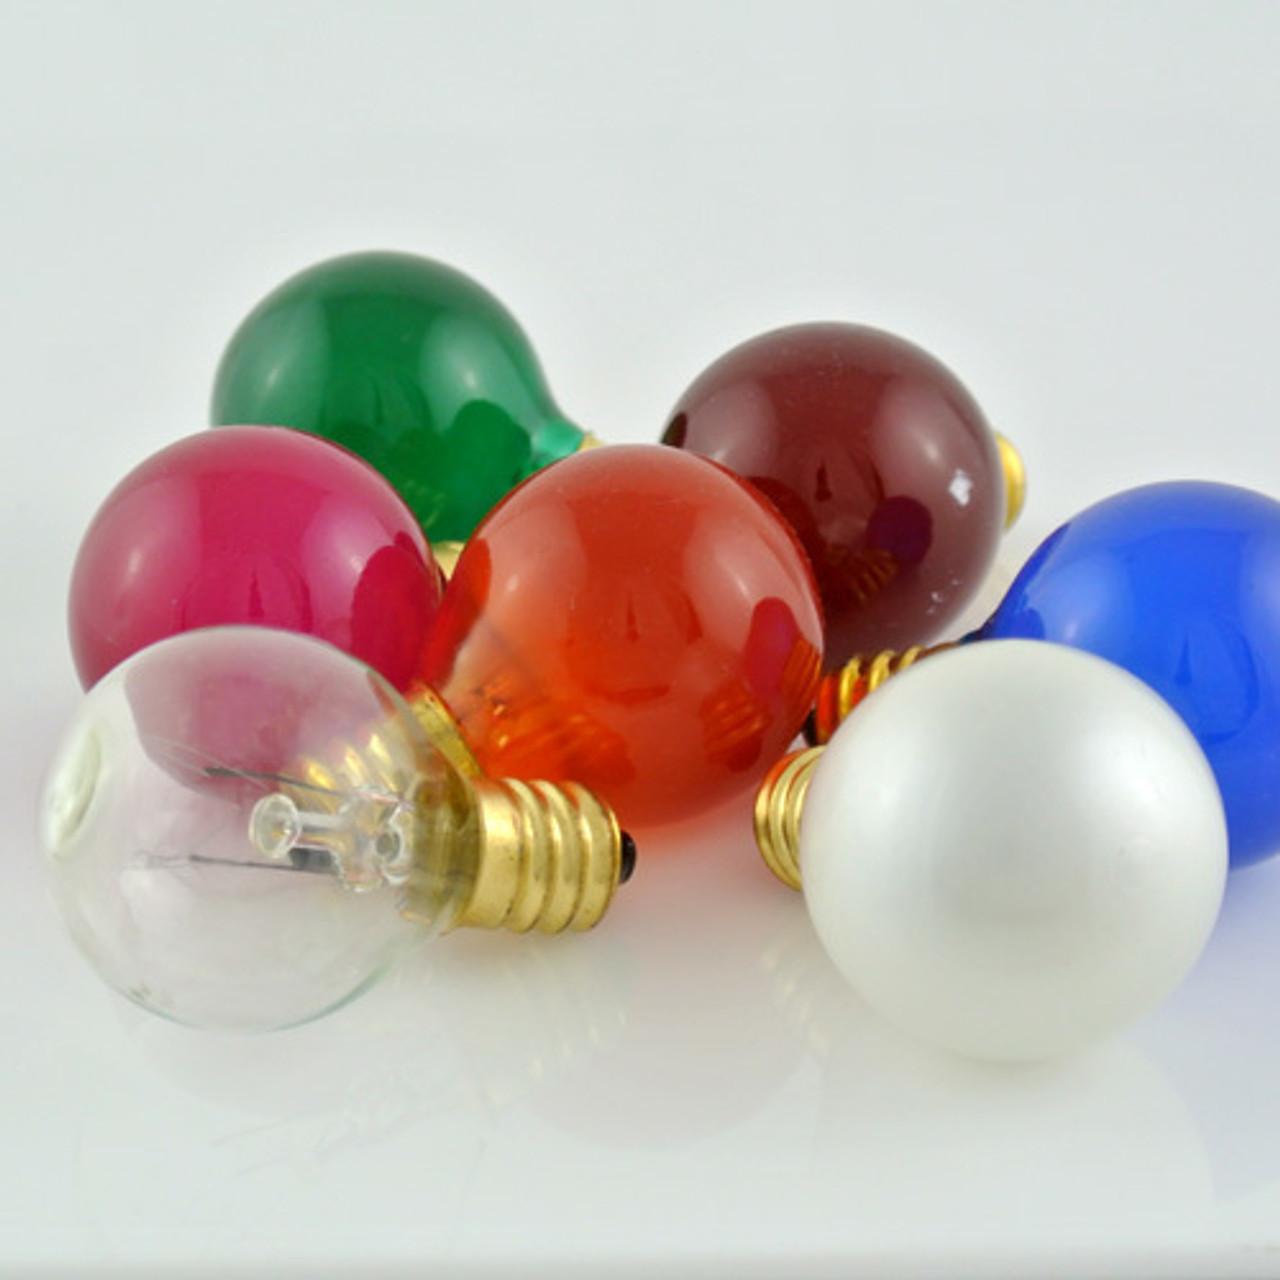 C7 / E12 Base Bulbs